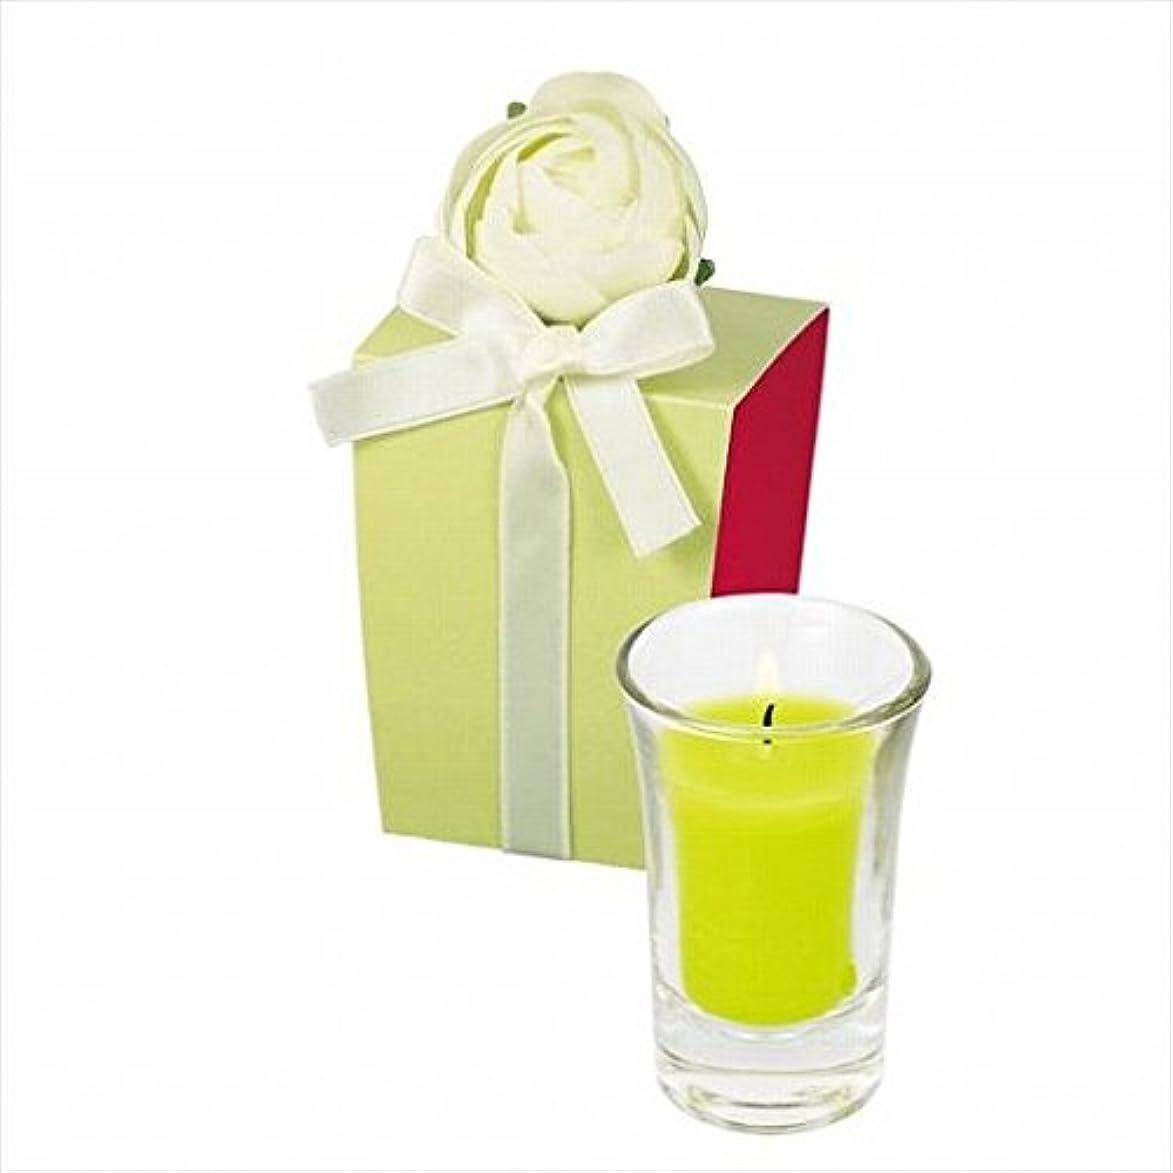 ストローク義務づけるありふれたkameyama candle(カメヤマキャンドル) ラナンキュラスグラスキャンドル 「 ライトグリーン 」(A9390500LG)